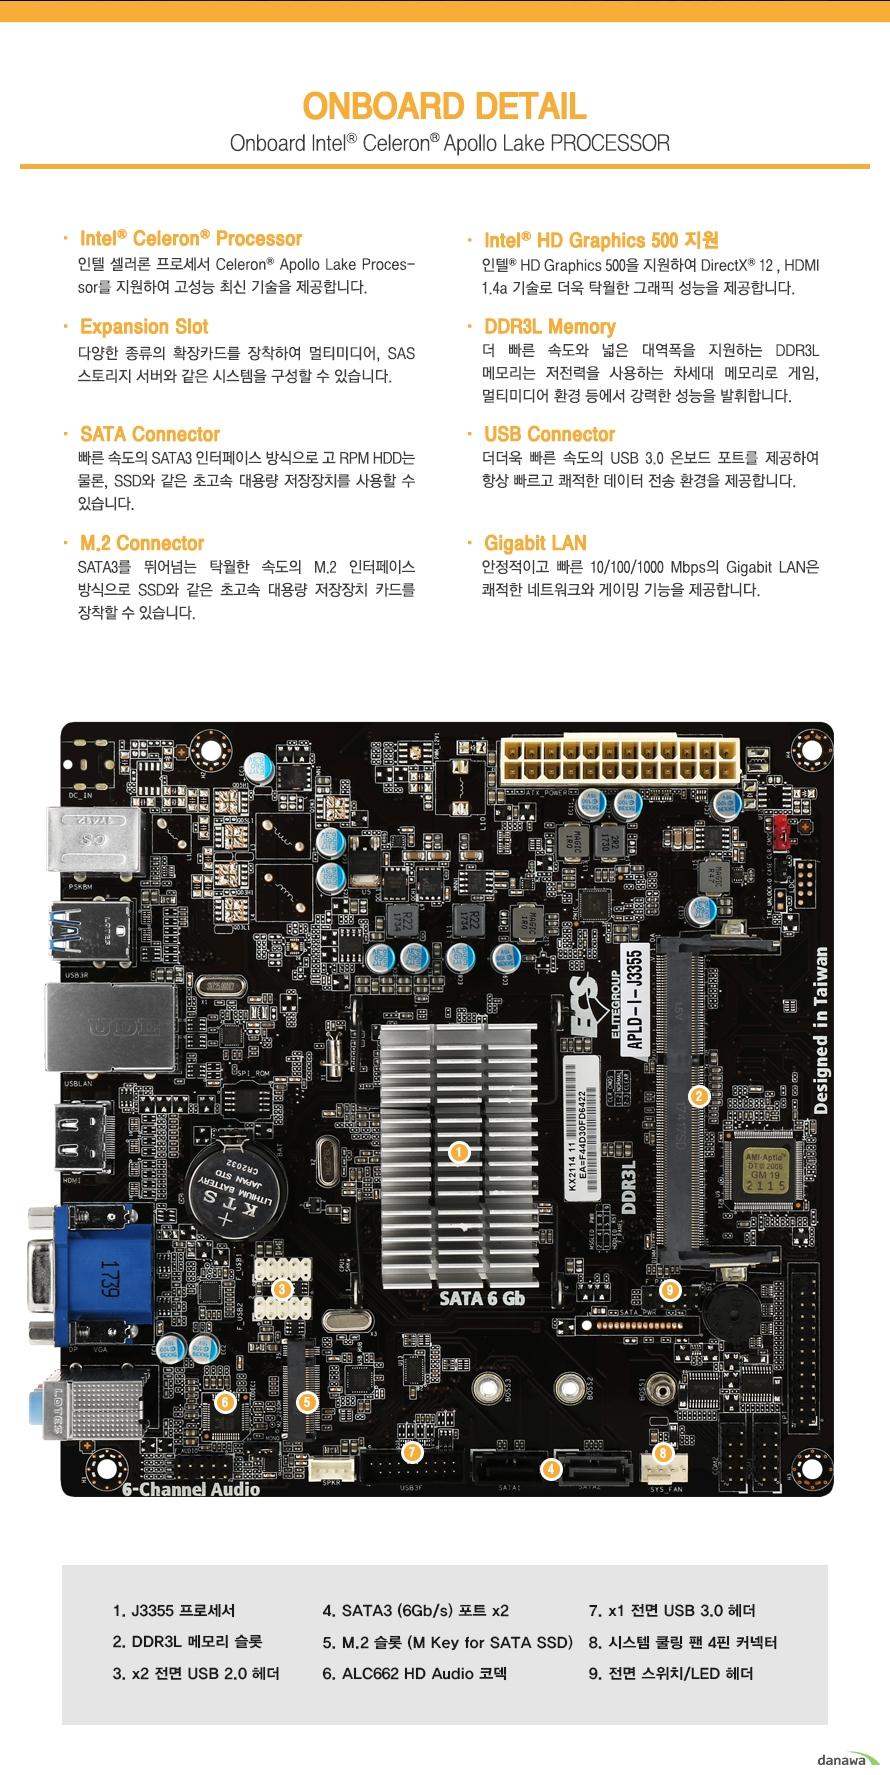 온보드 디테일                J3355 프로세서        DDR3L 메모리 슬롯 1개        전면 USB 2.0헤더 2개        SATA3 포트 2개        M.2슬롯 1개        ALC662 HD 오디오 코덱        전면 USB3.0 헤더 1개        시스템 쿨링 팬 4핀 커넥터         전면 스위치 LED 헤더                                인텔 셀러론 프로세서 탑재        인텔 셀러론 아폴로레이크 프로세서를 지원하여 고성능 최신 기술을 제공합니다.                다양한 확장 카드        다양한 종류의 확장카드를 장착할 수 있어 멀티미디어 SAS 스토리지 서버와 같은        시스템을 구성할 수 있습니다.                SATA3 커넥터 지원        빠른 속도의 SATA3 인터페이스 방식으로 고 RPM HDD는 물론 SSD와 같은 초고속 대용량        저장장치를 사용할 수 있습니다.                M.2 커넥터 지원        SATA3를 뛰어넘는 탁월한 속도의 M.2 인터페이스 방식으로 SSD와 같은 초고속 대용량        저장장치 카드를 장착할 수 있습니다.                인텔 HD 그래픽스 500지원        인텔 HD 그래픽스 500을 지원하여 다이렉트X 12 및 HDMI 1.4A 기술로 더욱 탁월한        그래픽 성능을 제공합니다.                DDR3L 메모리 지원        더 빠른 속도와 넓은 대역폭을 지원하는 DDR3L 메모리는 저전력을 사용하는 차세대 메모리로        게임이나 멀티미디어 환경등에서 강력한 성능을 발휘합니다.                USB 커넥터        더더욱 빠른 속도의 USB 3.0 온보드 포트를 제공하여        항상 빠르고 쾌적한 데이터 전송 환경을 제공합니다.                기가비트 랜        안정적이고 빠른 10 100 1000메가바이트의 기가비트 랜은 쾌적한 네트워크와 게이밍        기능을 제공합니다.